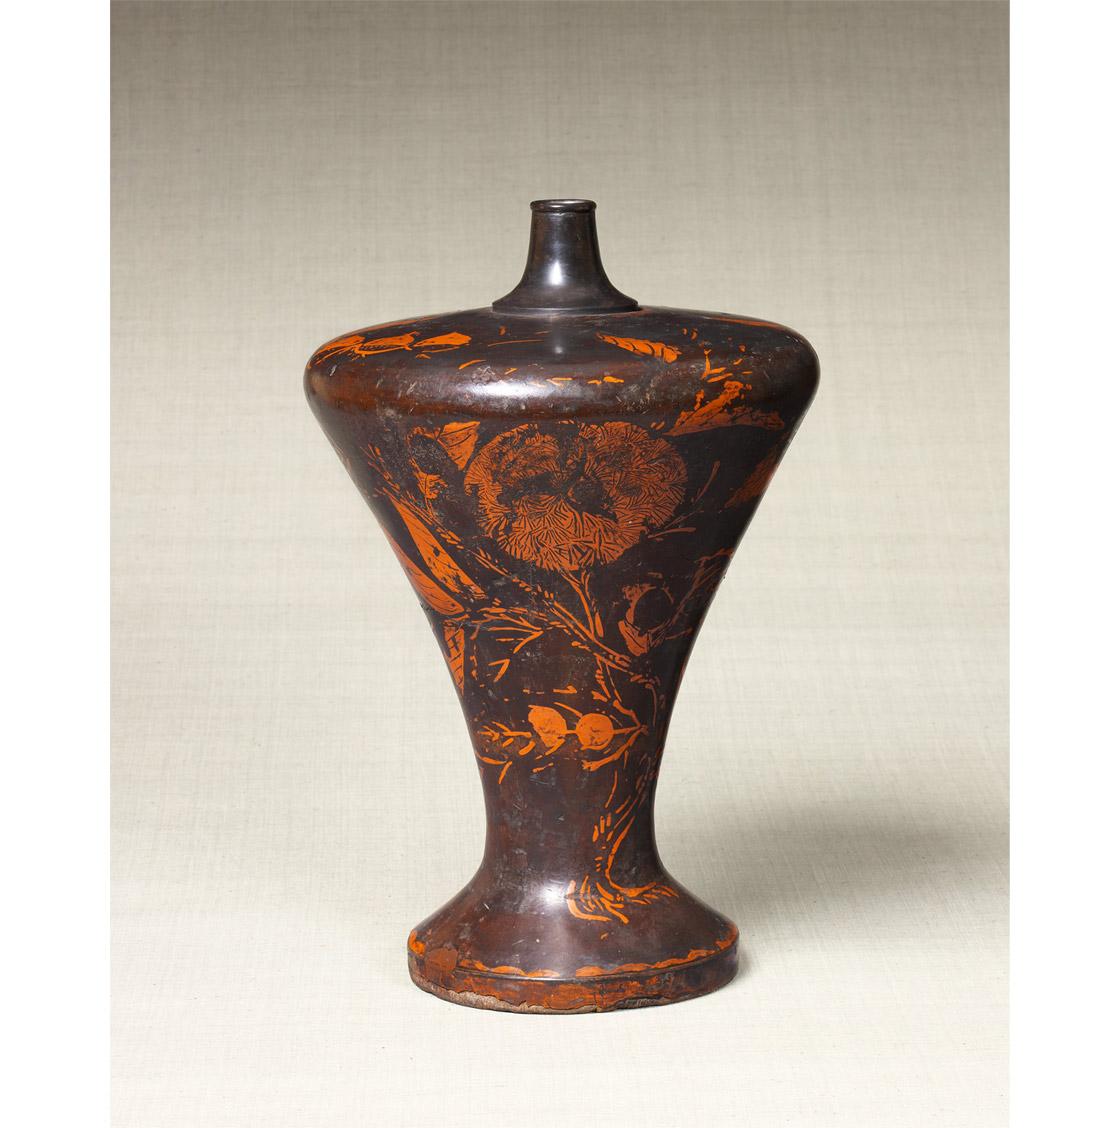 日本民藝館 漆絵栗文瓶子